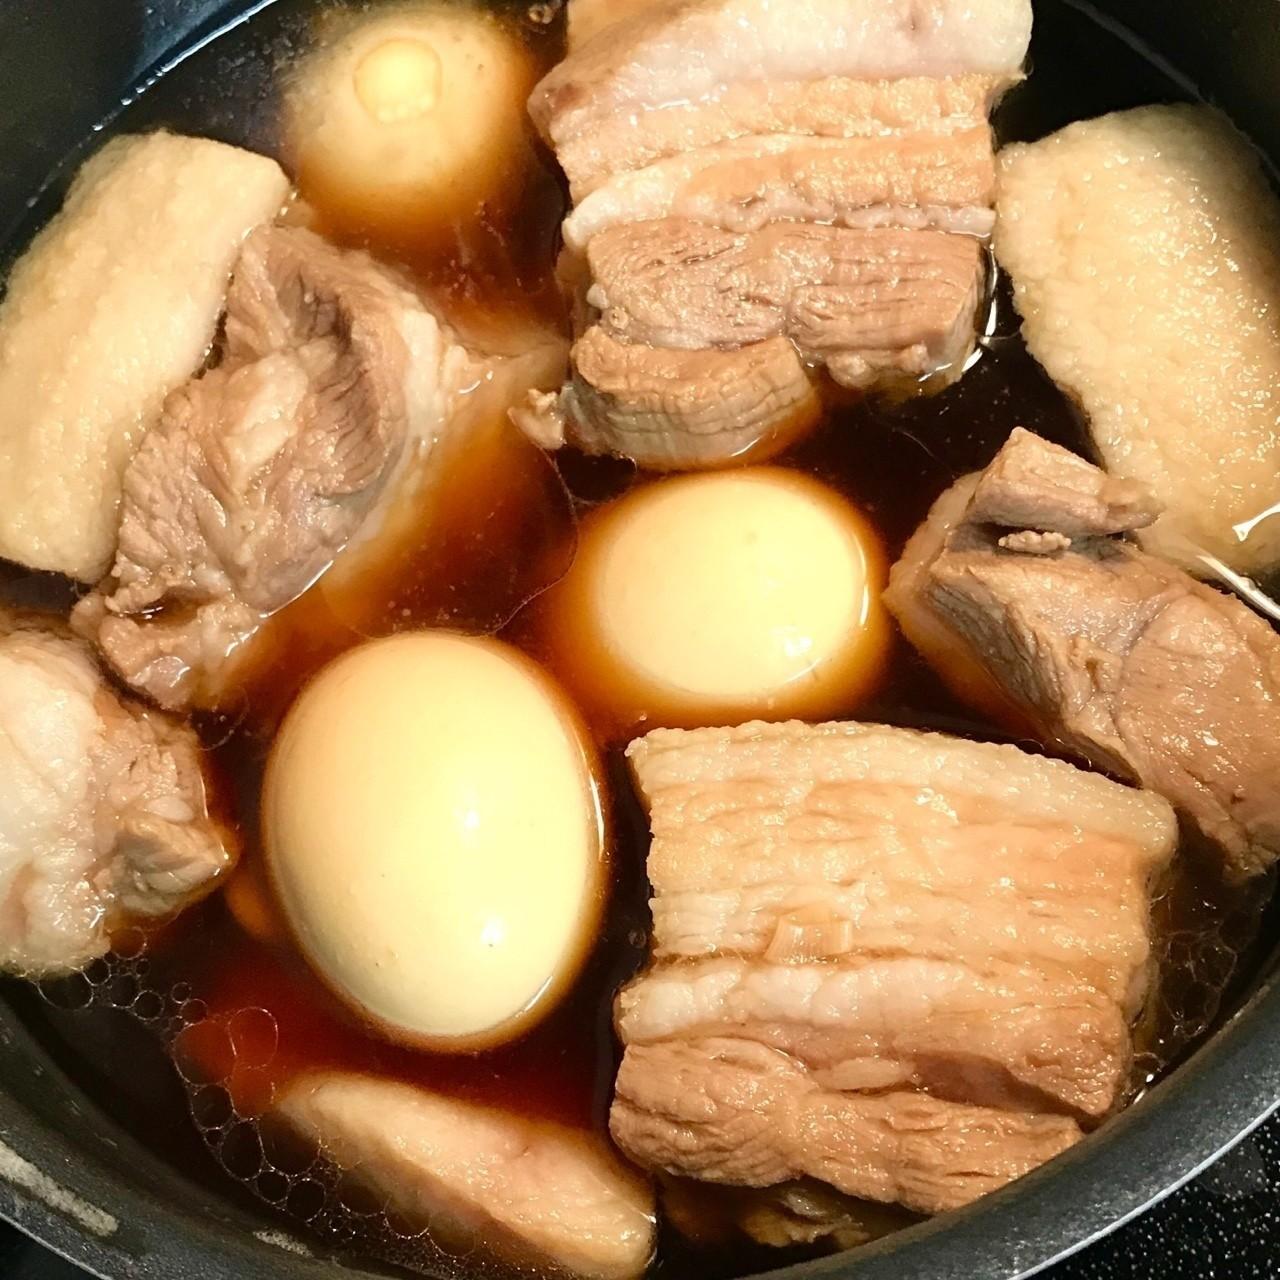 今日はミニブタの日。 だからって訳じゃないけど #角煮 をぐつぐつしとるぶーwww 昨日 #豚バラブロック が安かったから買っておいたんだぶー。角煮大好きぶー。